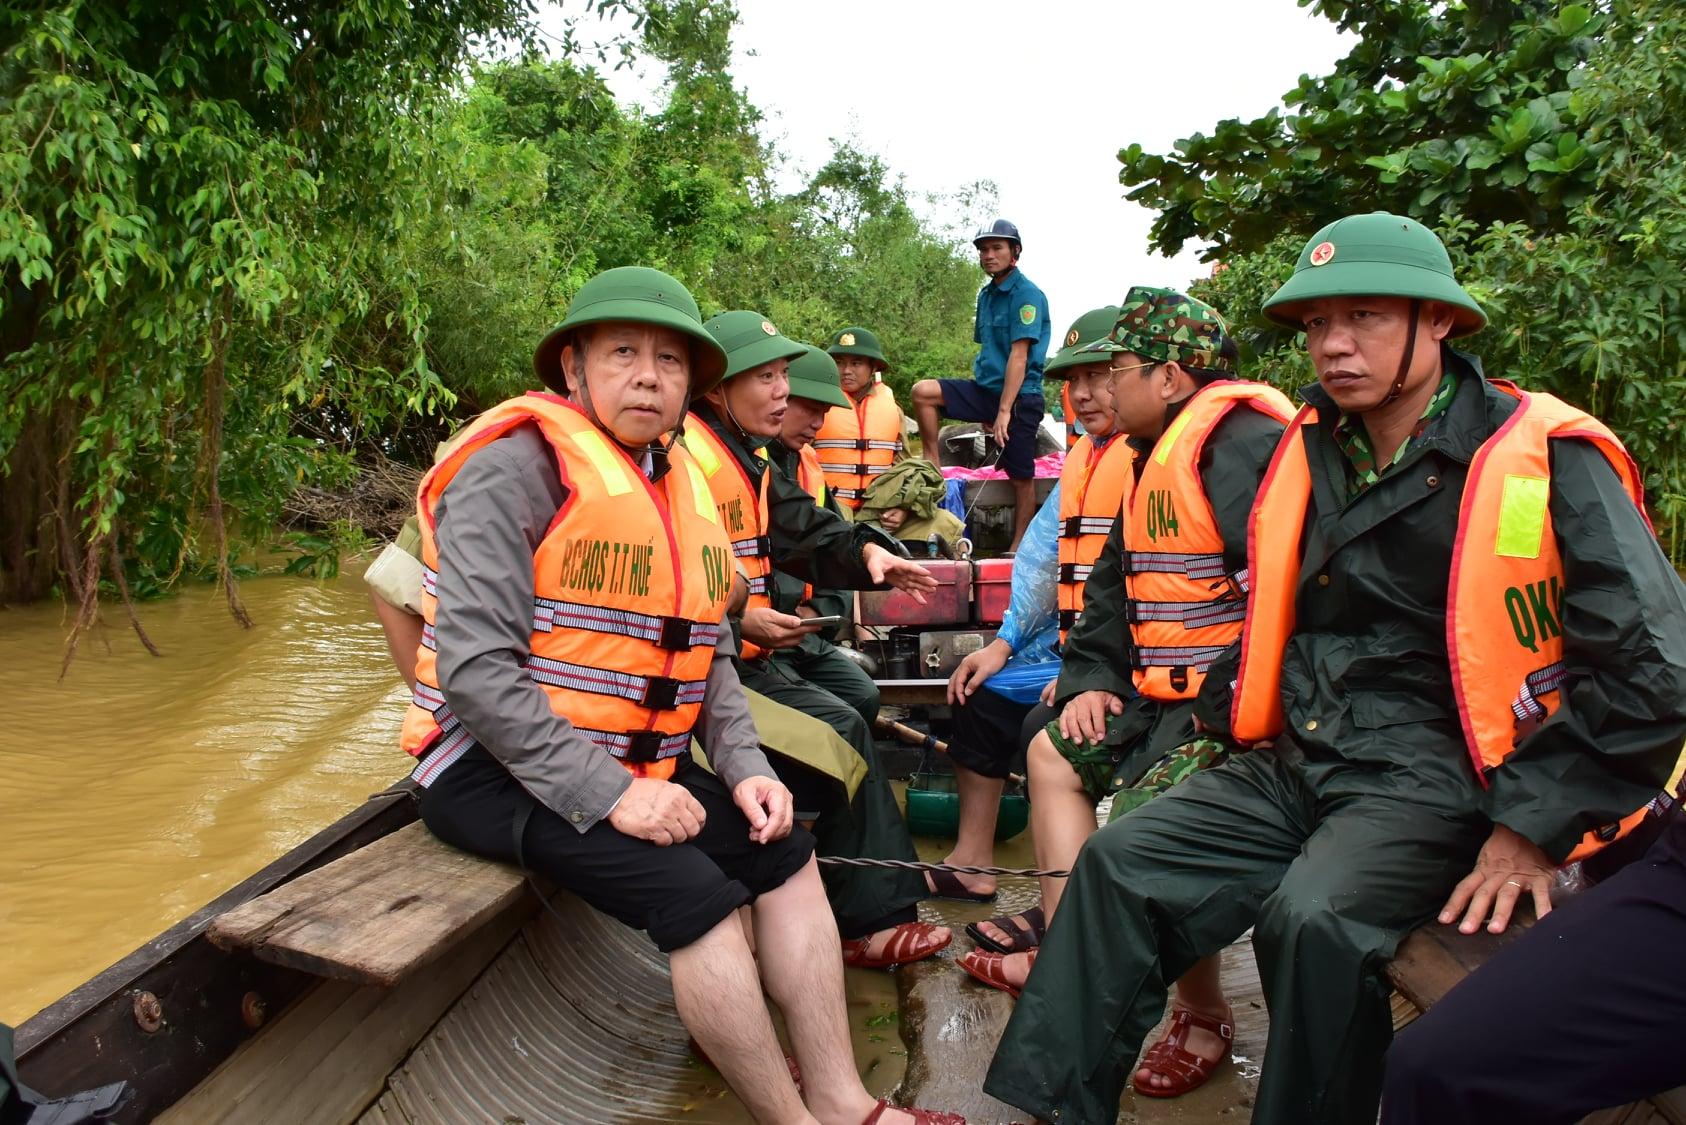 Chủ tịch UBND tỉnh Thừa Thiên Huế Phan Ngọc Thọ cùng lực lượng chức năng vào vùng rốn lũ kiểm tra công tác phòng chống mưa lũ và thăm hỏi, tặng quà người dân.